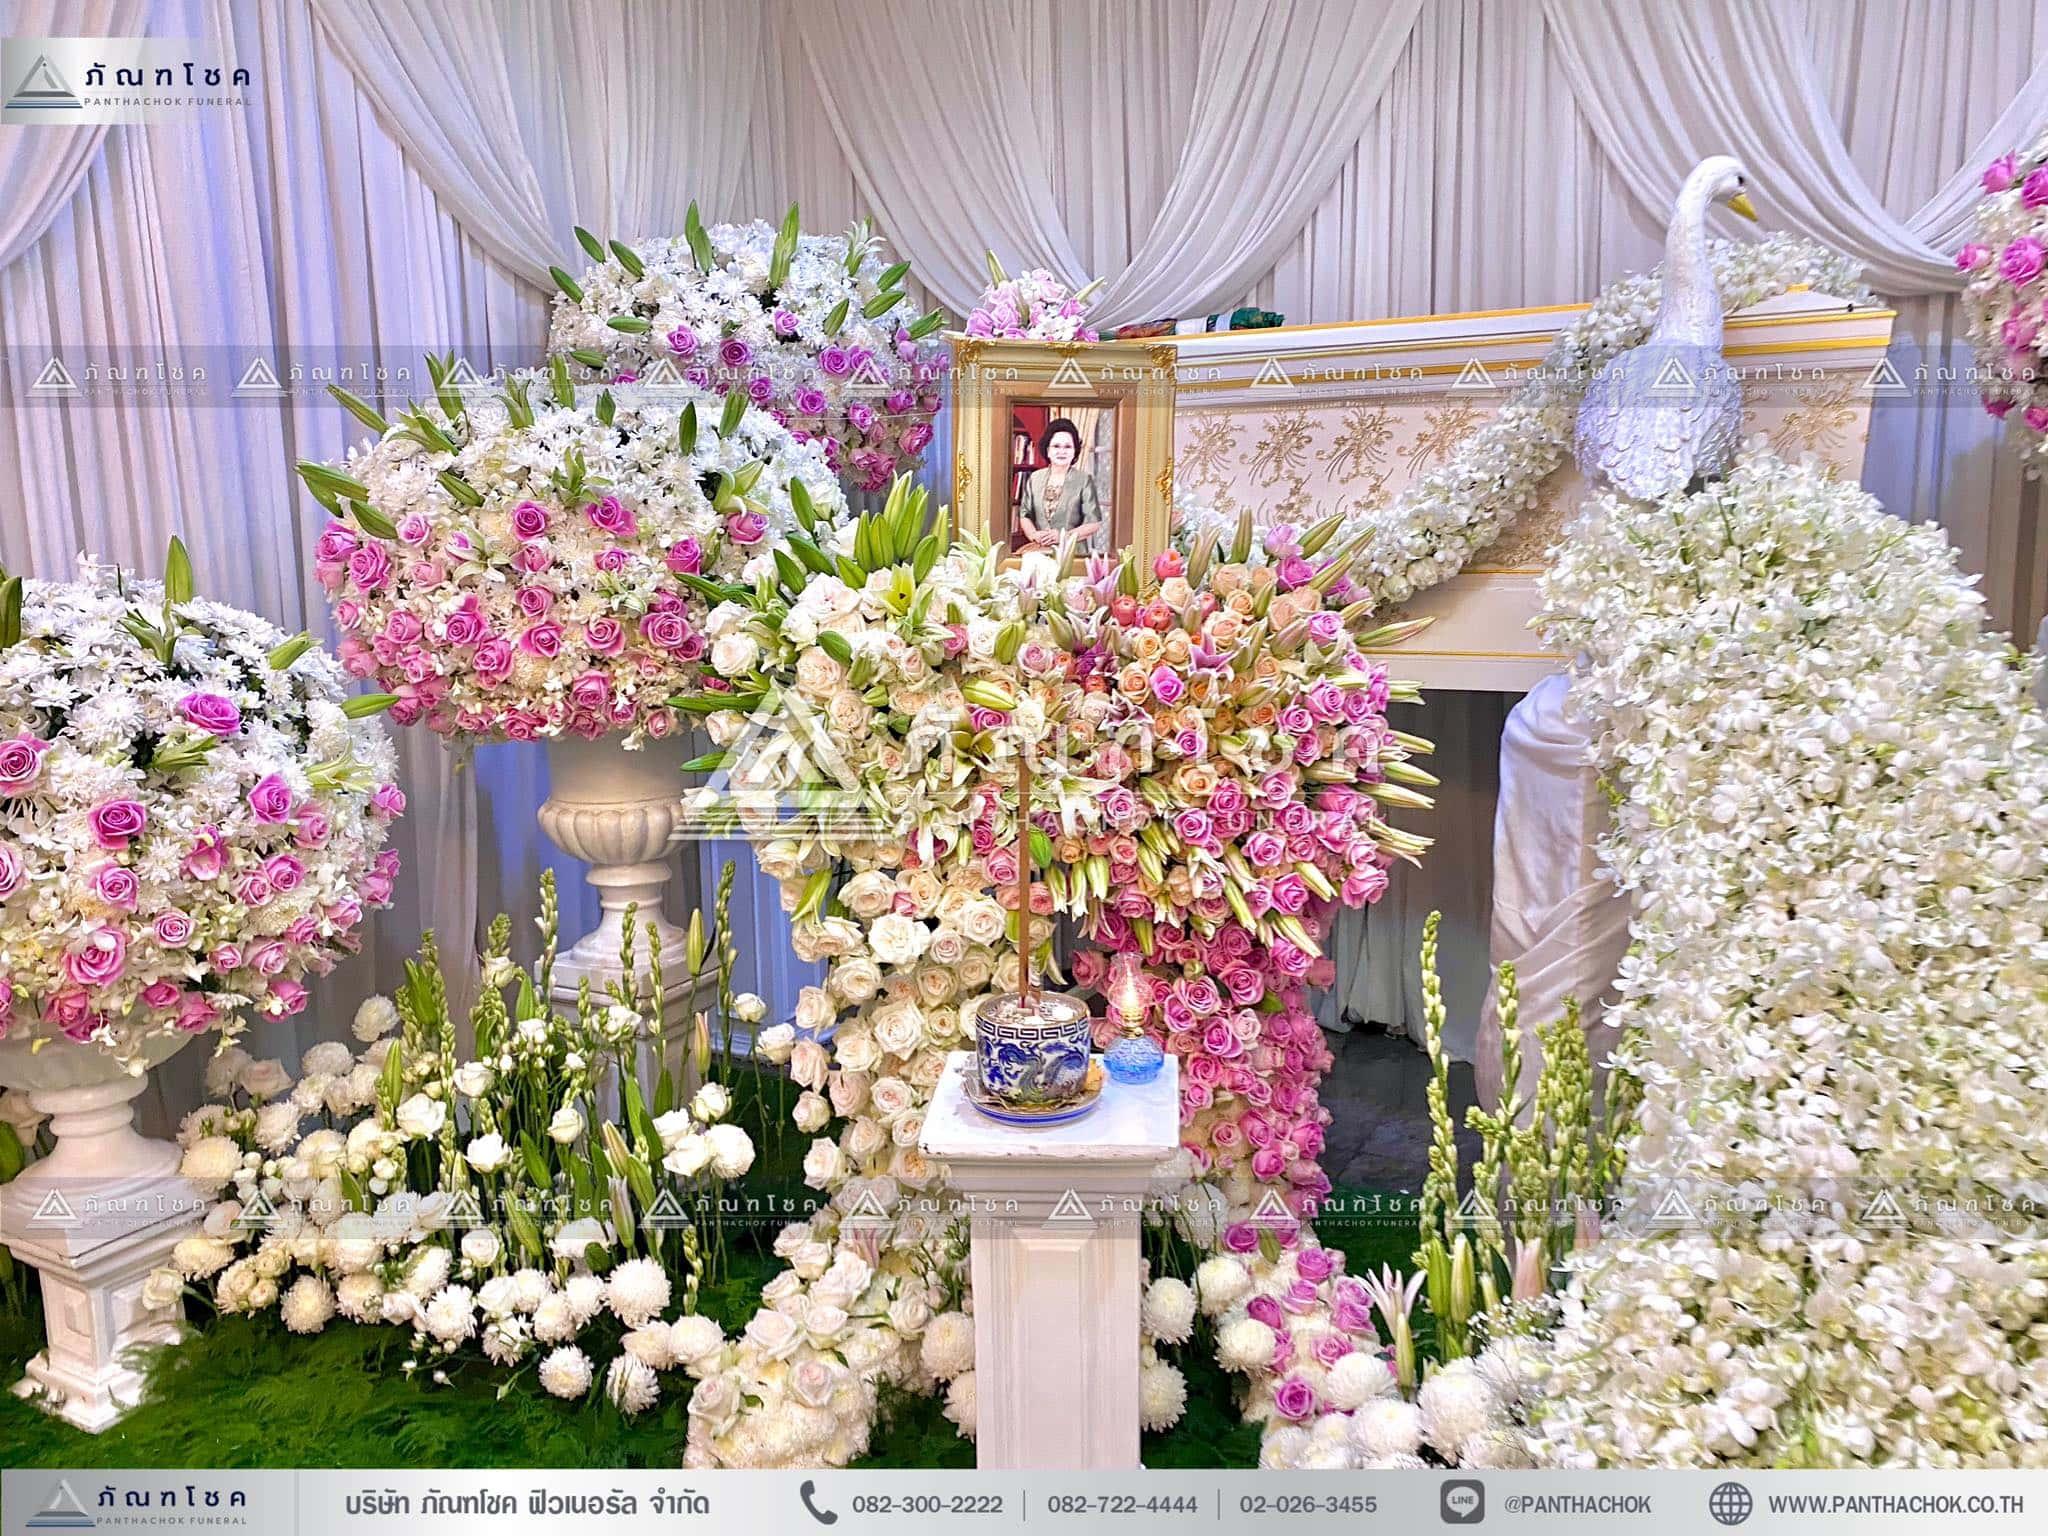 ดอกไม้สดหน้าศพกรุงเทพแบบหรูหรา ดอกไม้ประดับหน้าหีบแบบหรูหรา นกยูงประดับหน้าหีบศพ ดอกไม้หน้าศพสีขาว ชมพู